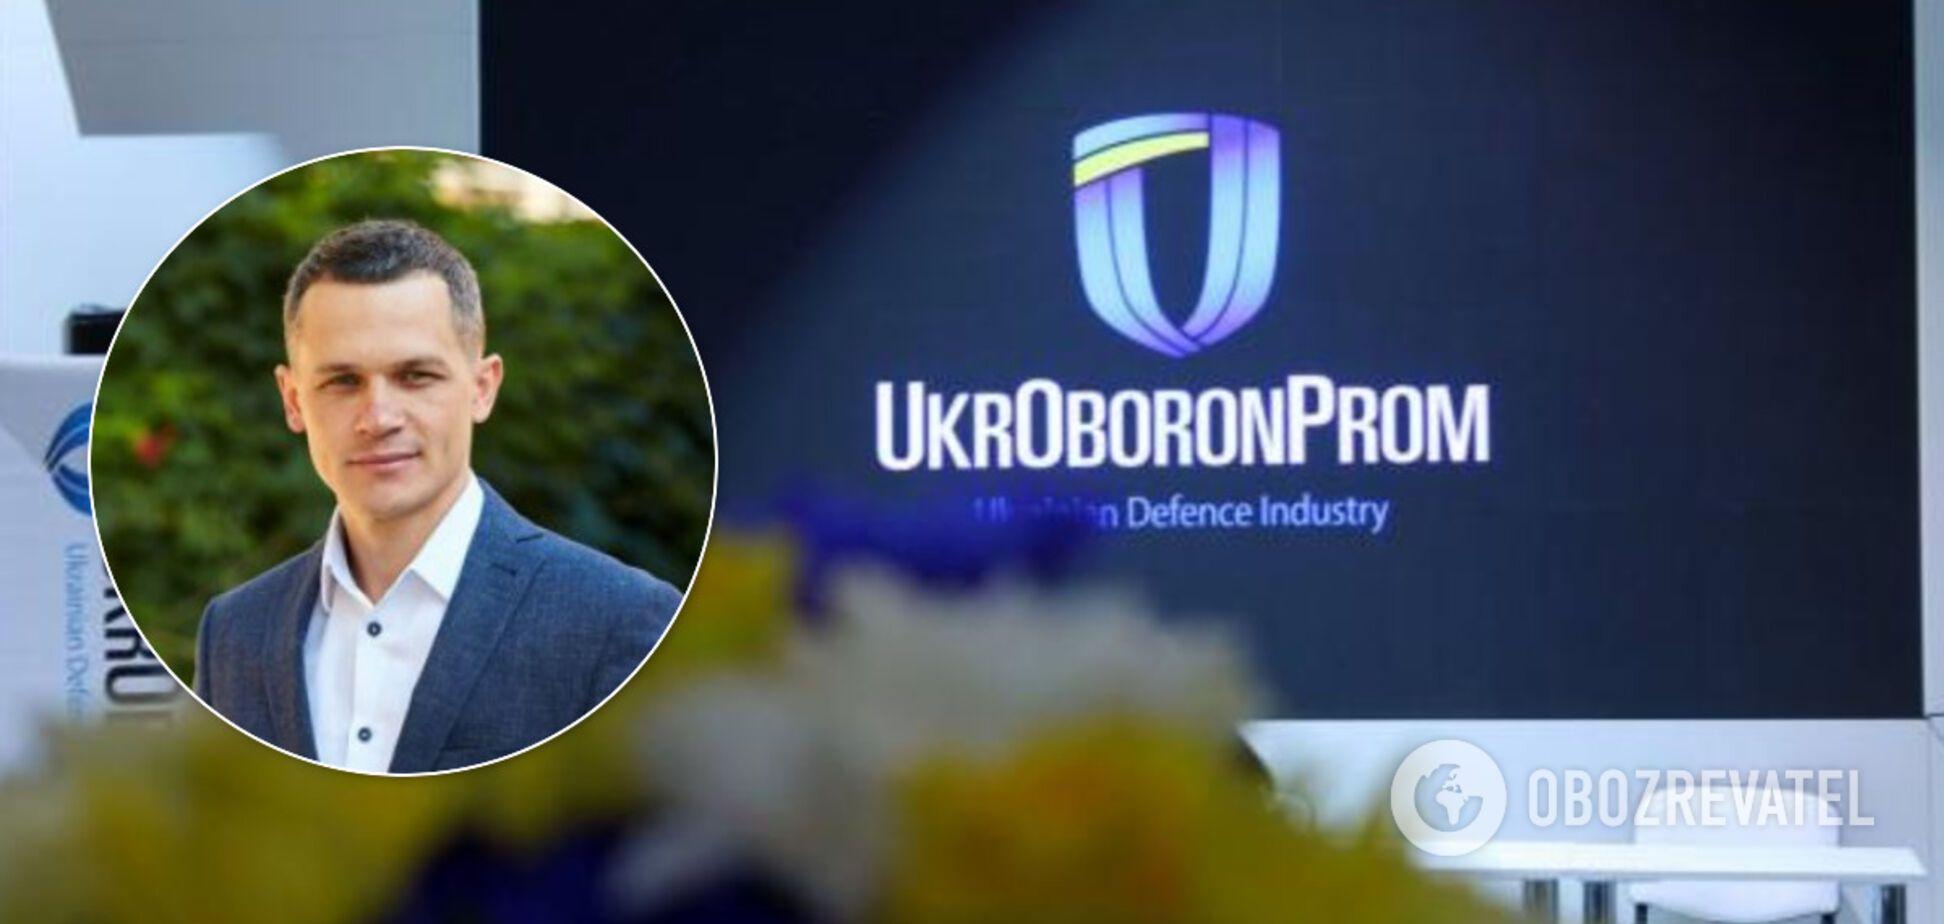 'Я достал Укроборонпром!' Кучер потребовал от госконцерна выполнения обещаний